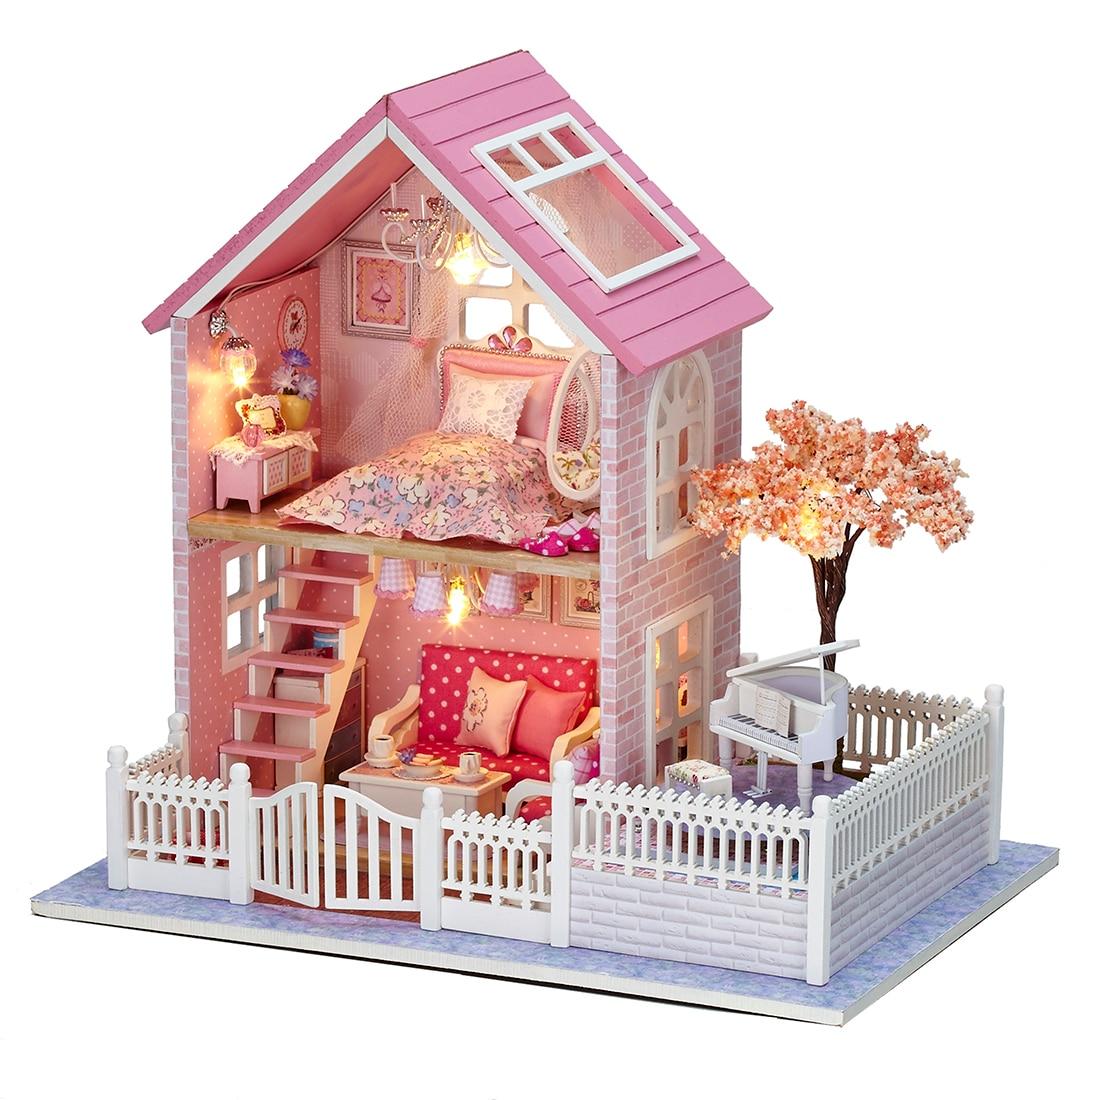 Intéressant maison de poupée rose Oriental cerise 3D assemblage bricolage ménage maison créative Kit avec Piano